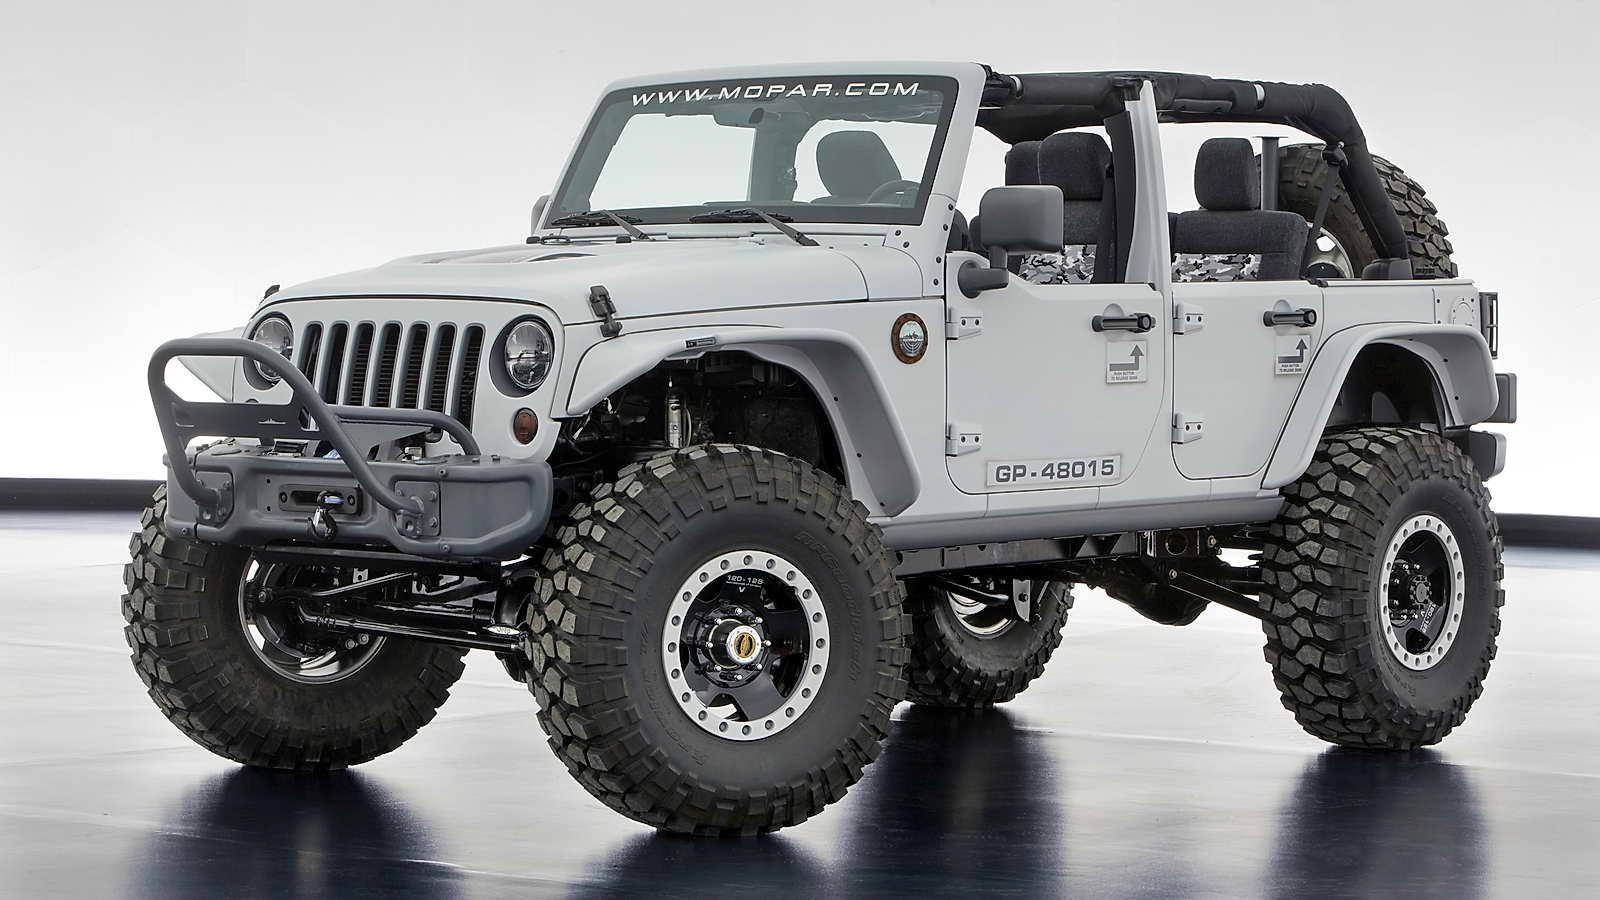 Mopar jeep emergency kit